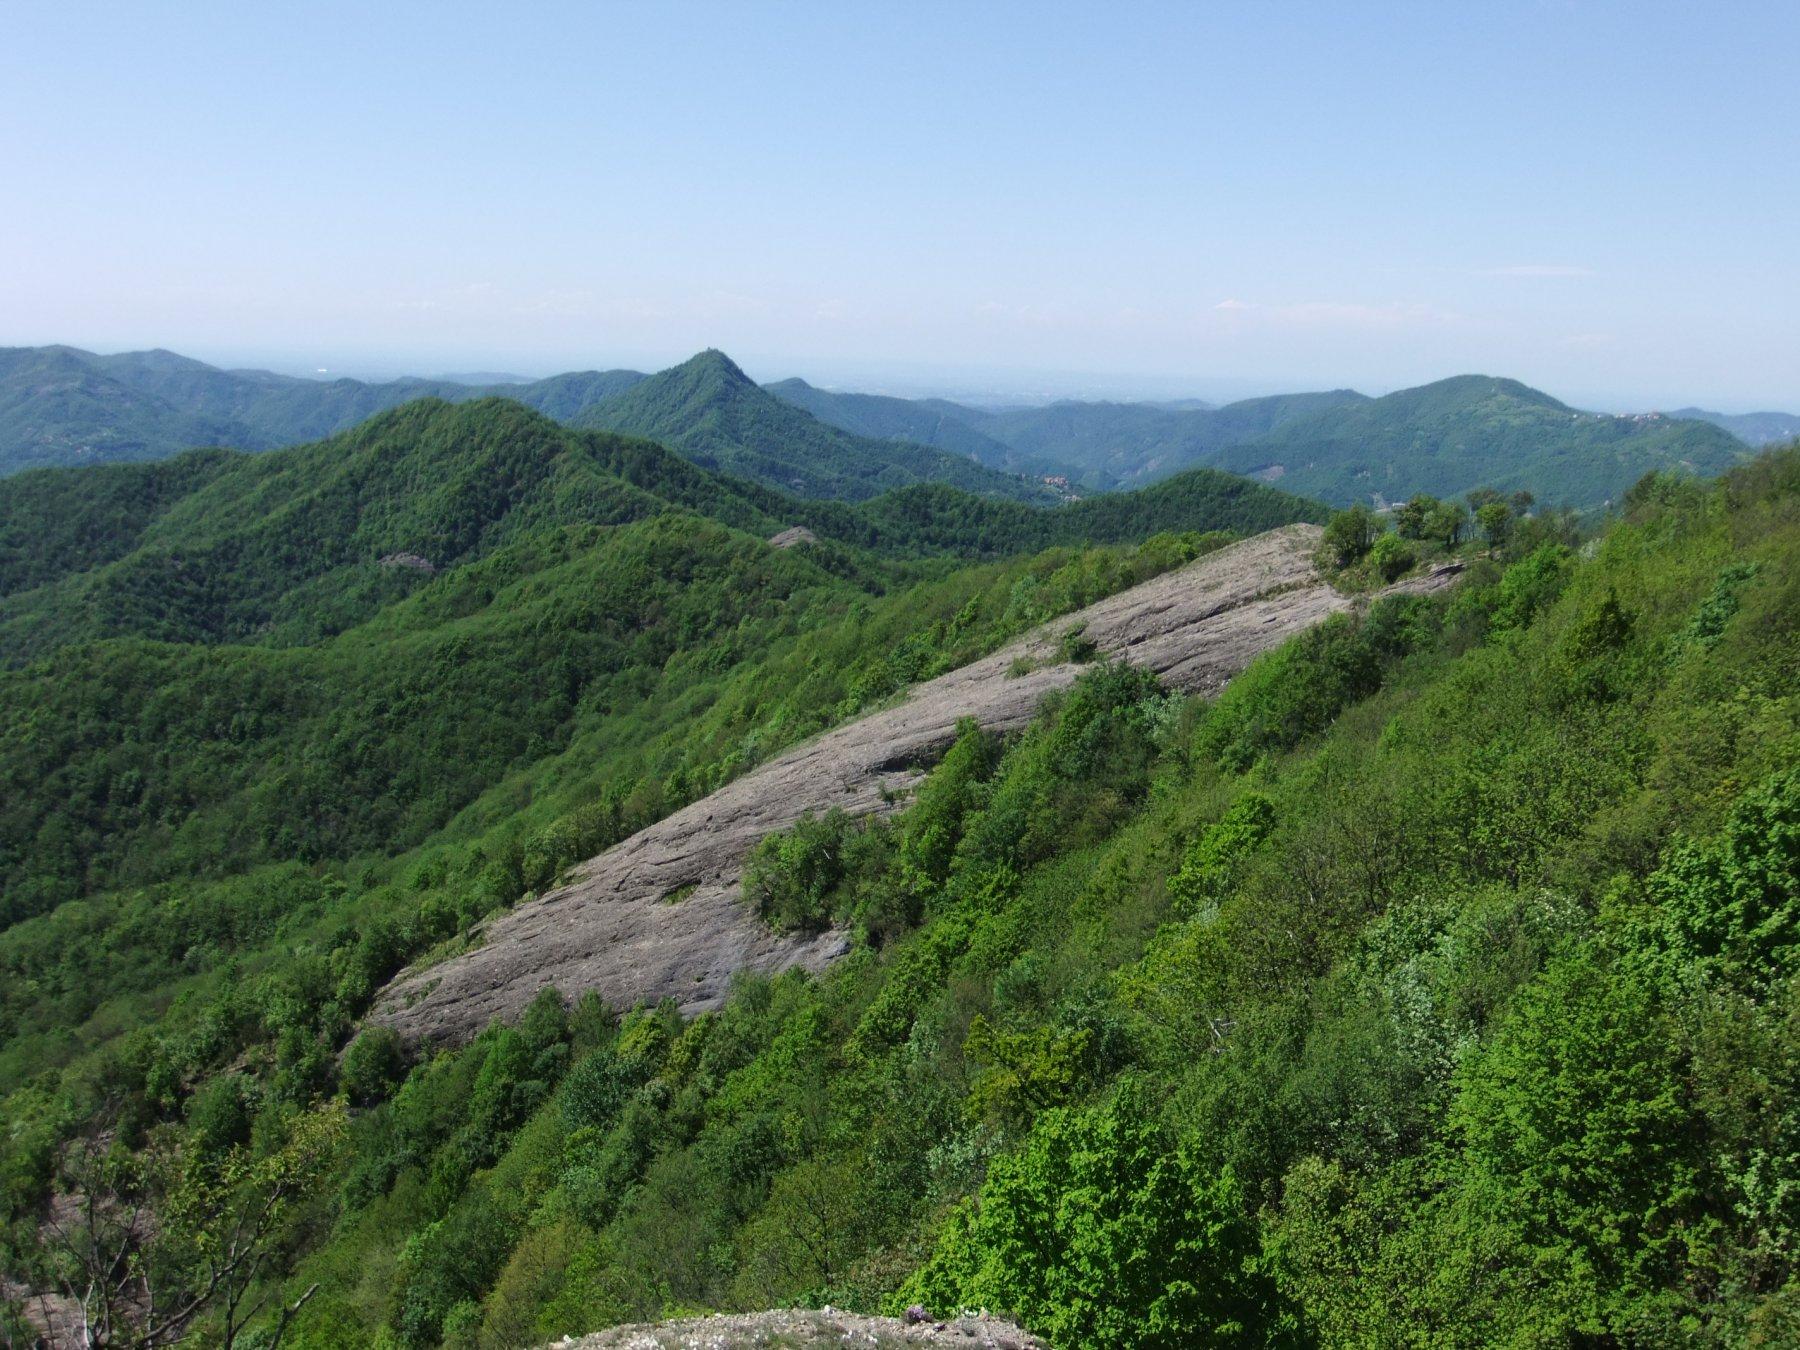 Reale (Monte) da Crocefieschi, per Rocche del Reopasso 2016-05-15